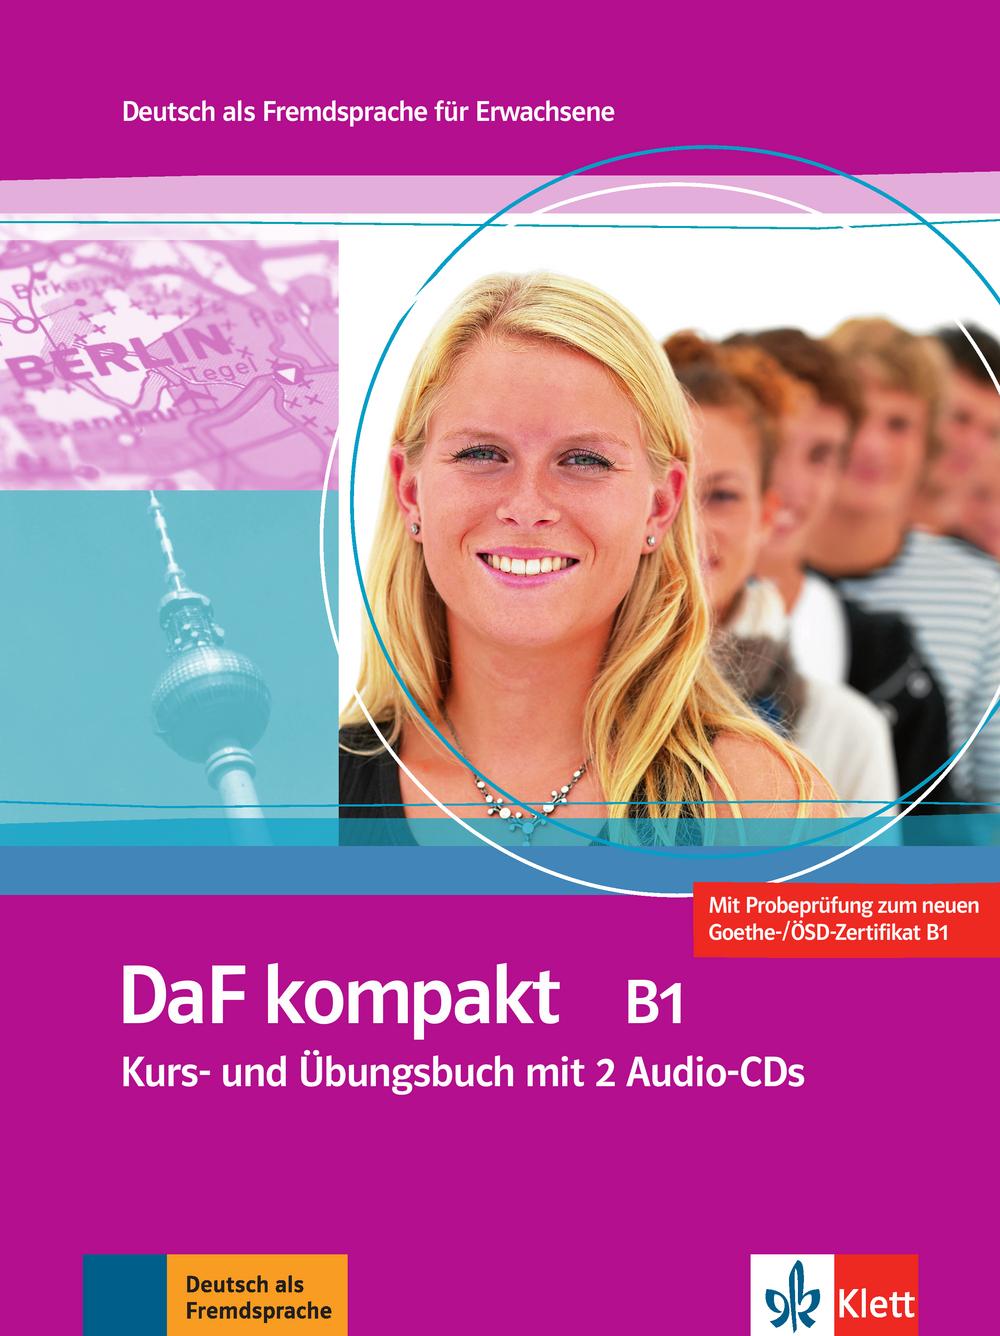 DaF kompakt B1